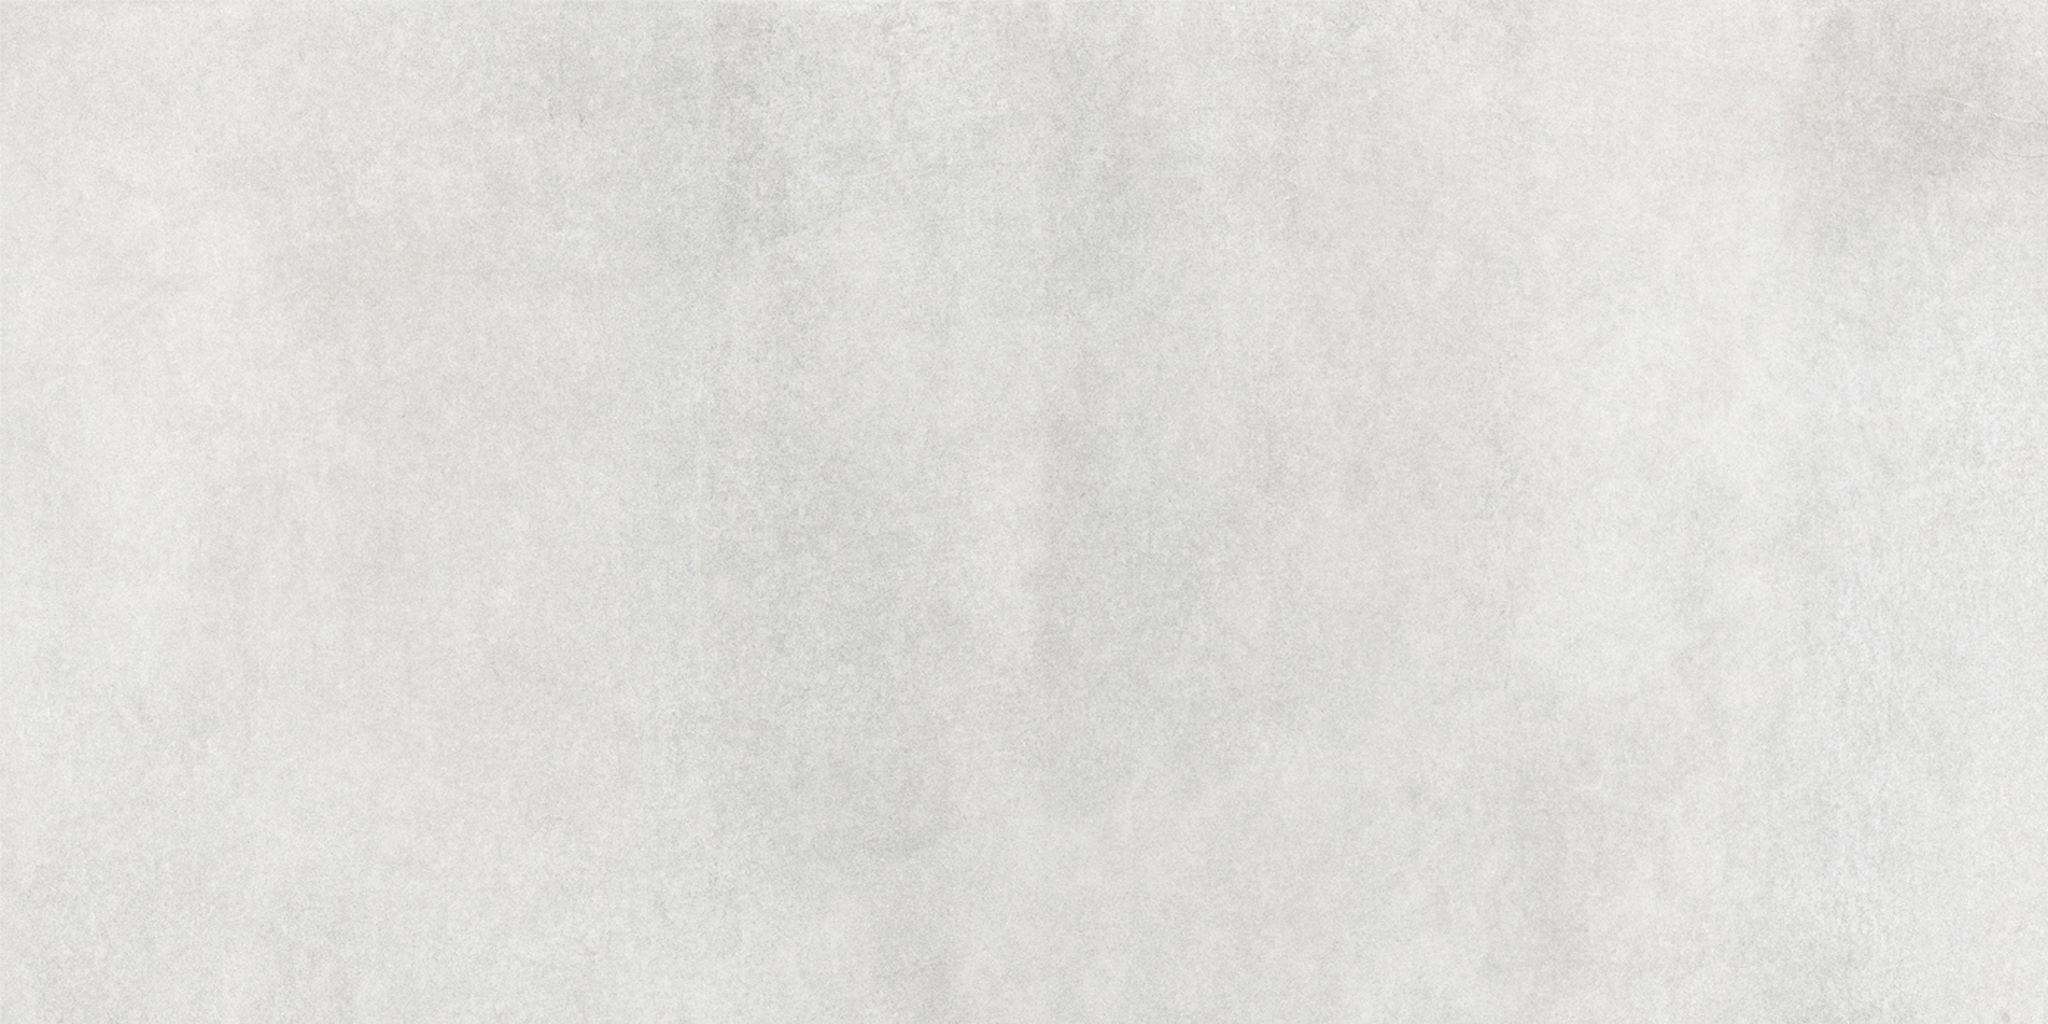 Pločice | Bronx Gris  - Keros - 25x50 - 1.5